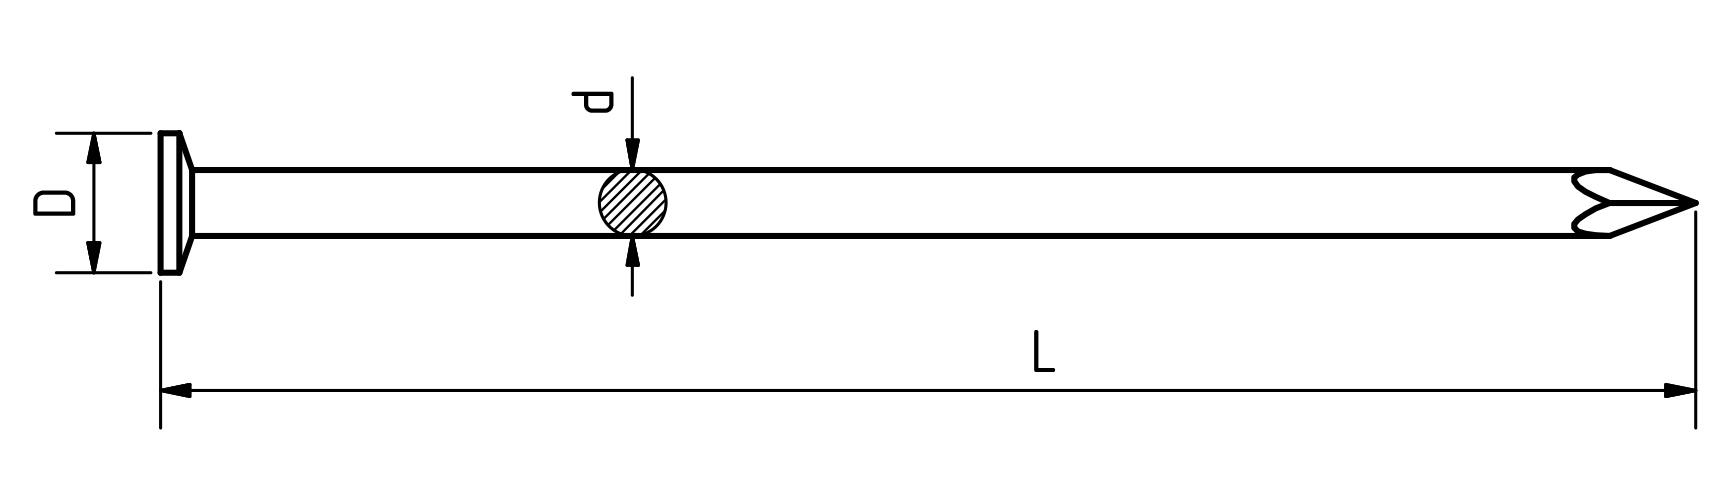 1.2_Senkkopfnagel-28x65